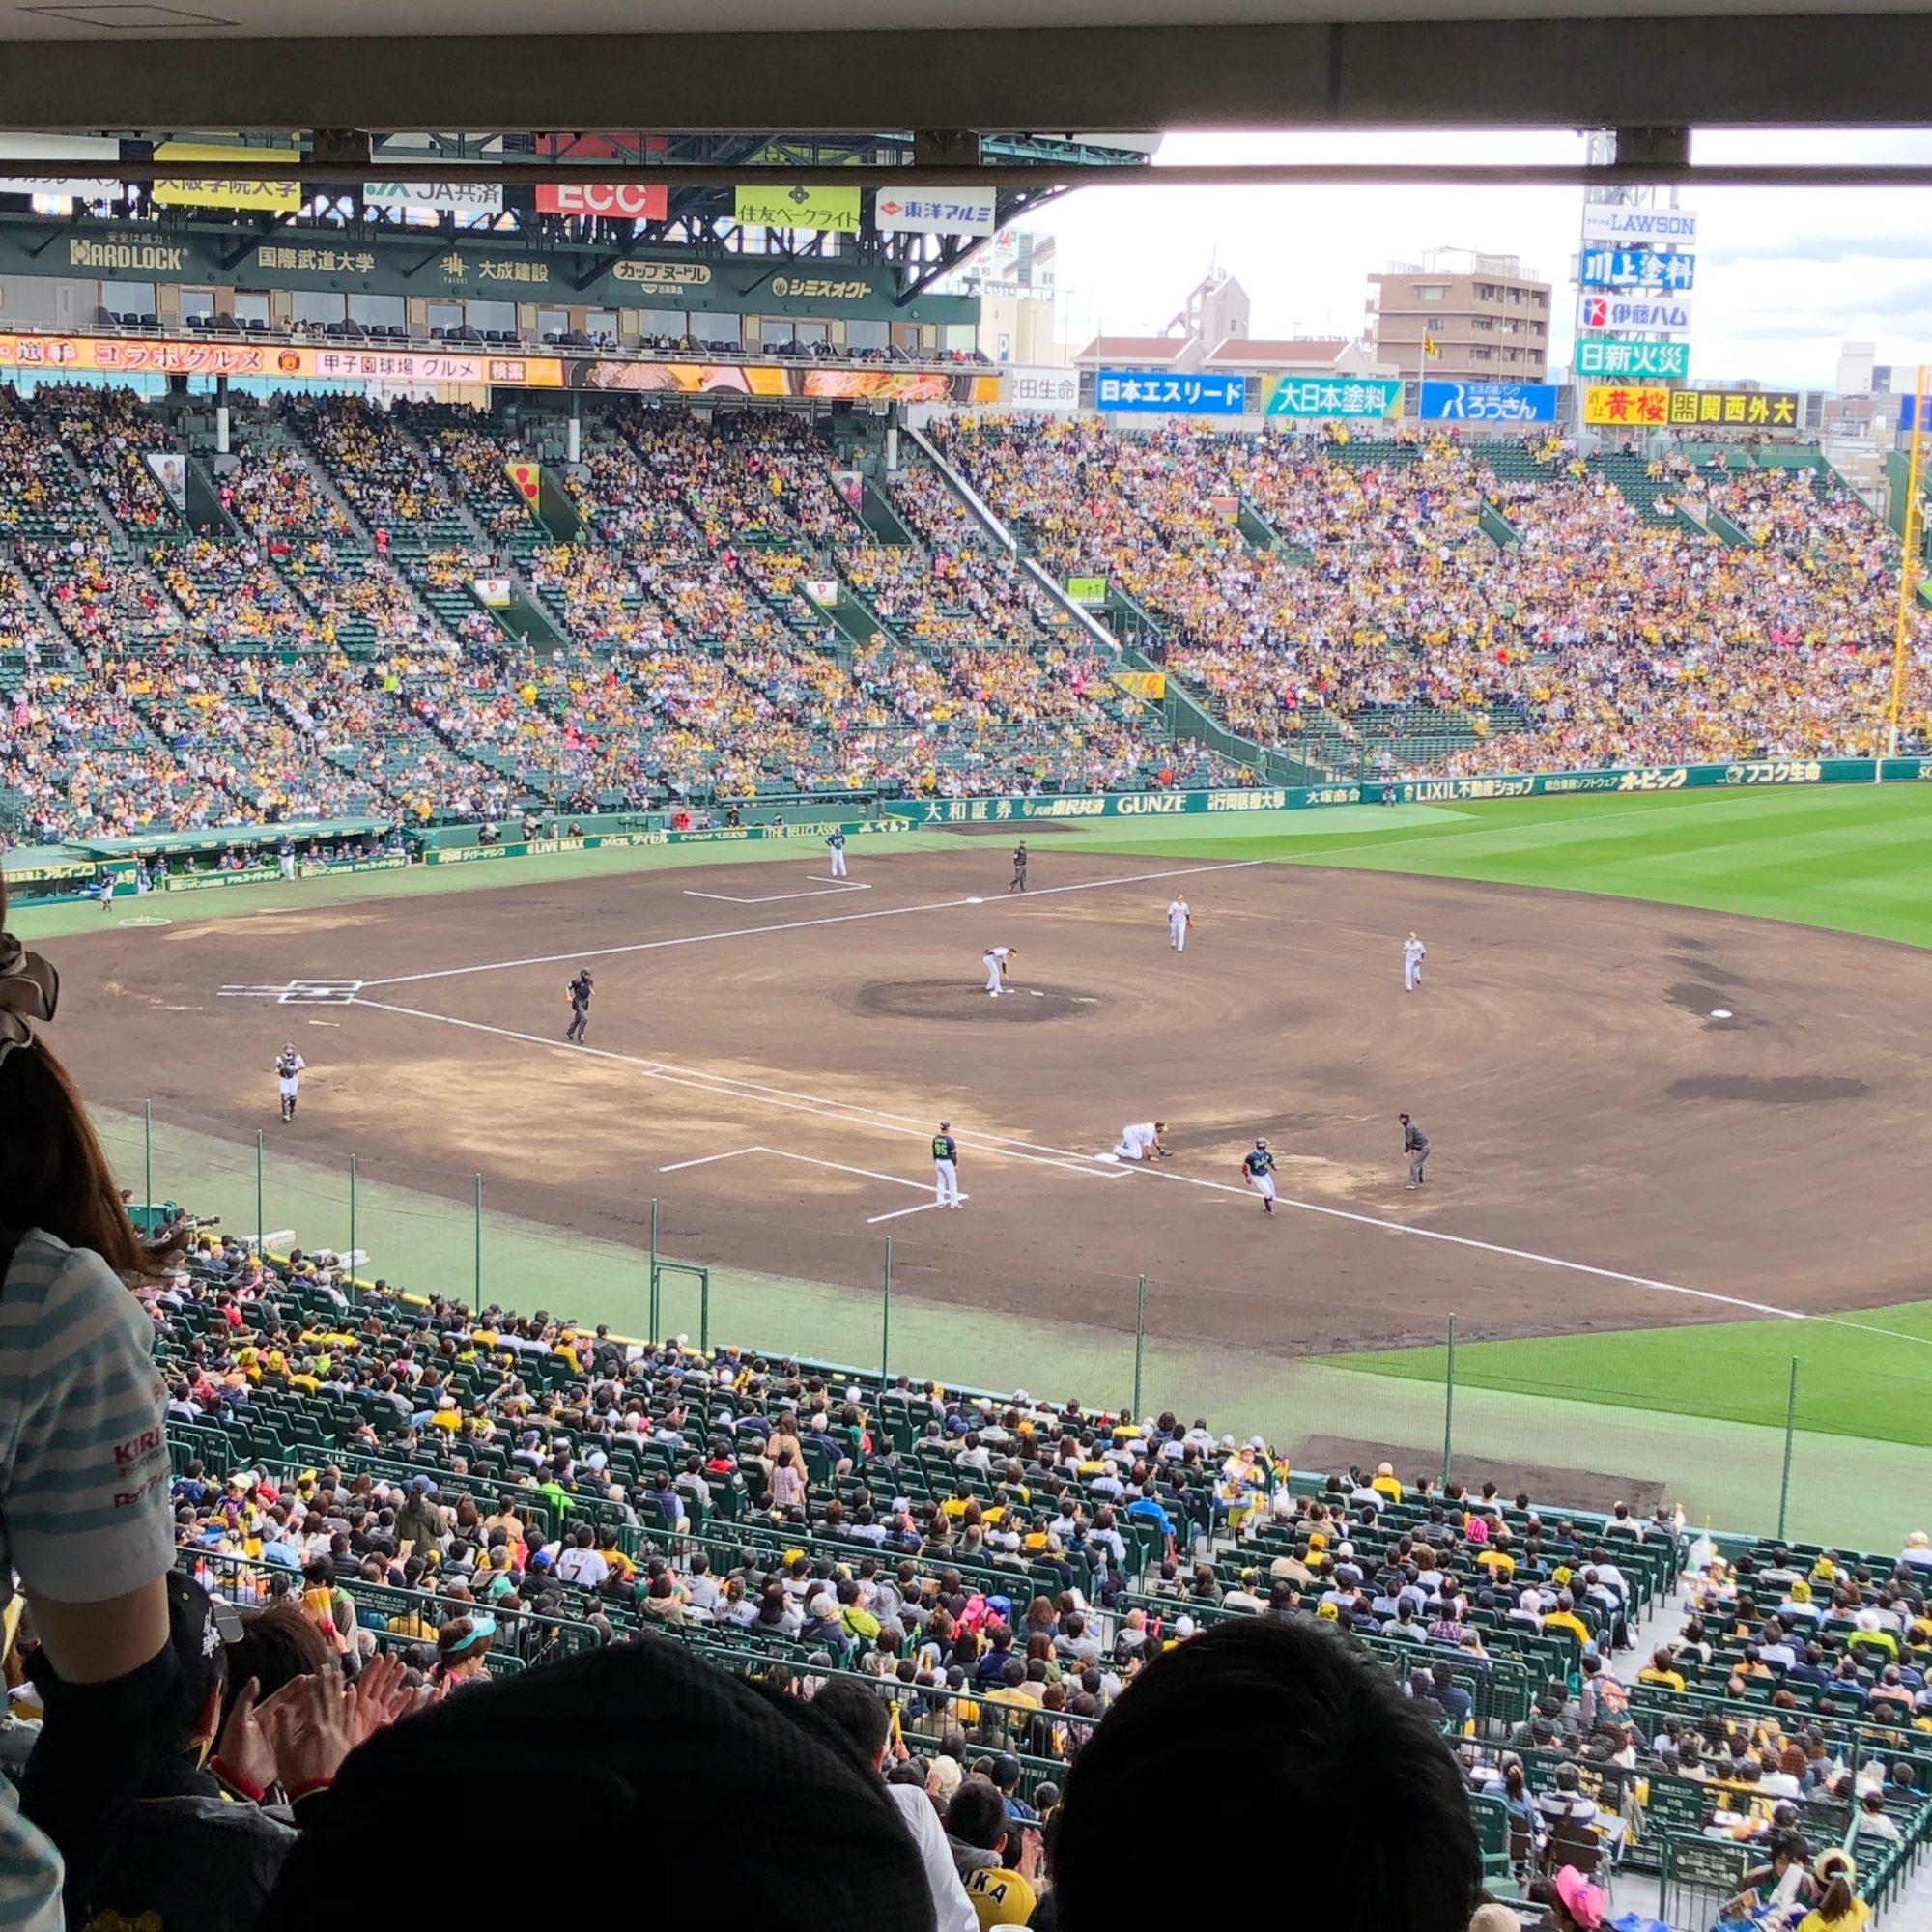 阪神戦を甲子園 アイビーシートで観覧!〜私の野球の楽しみ方〜